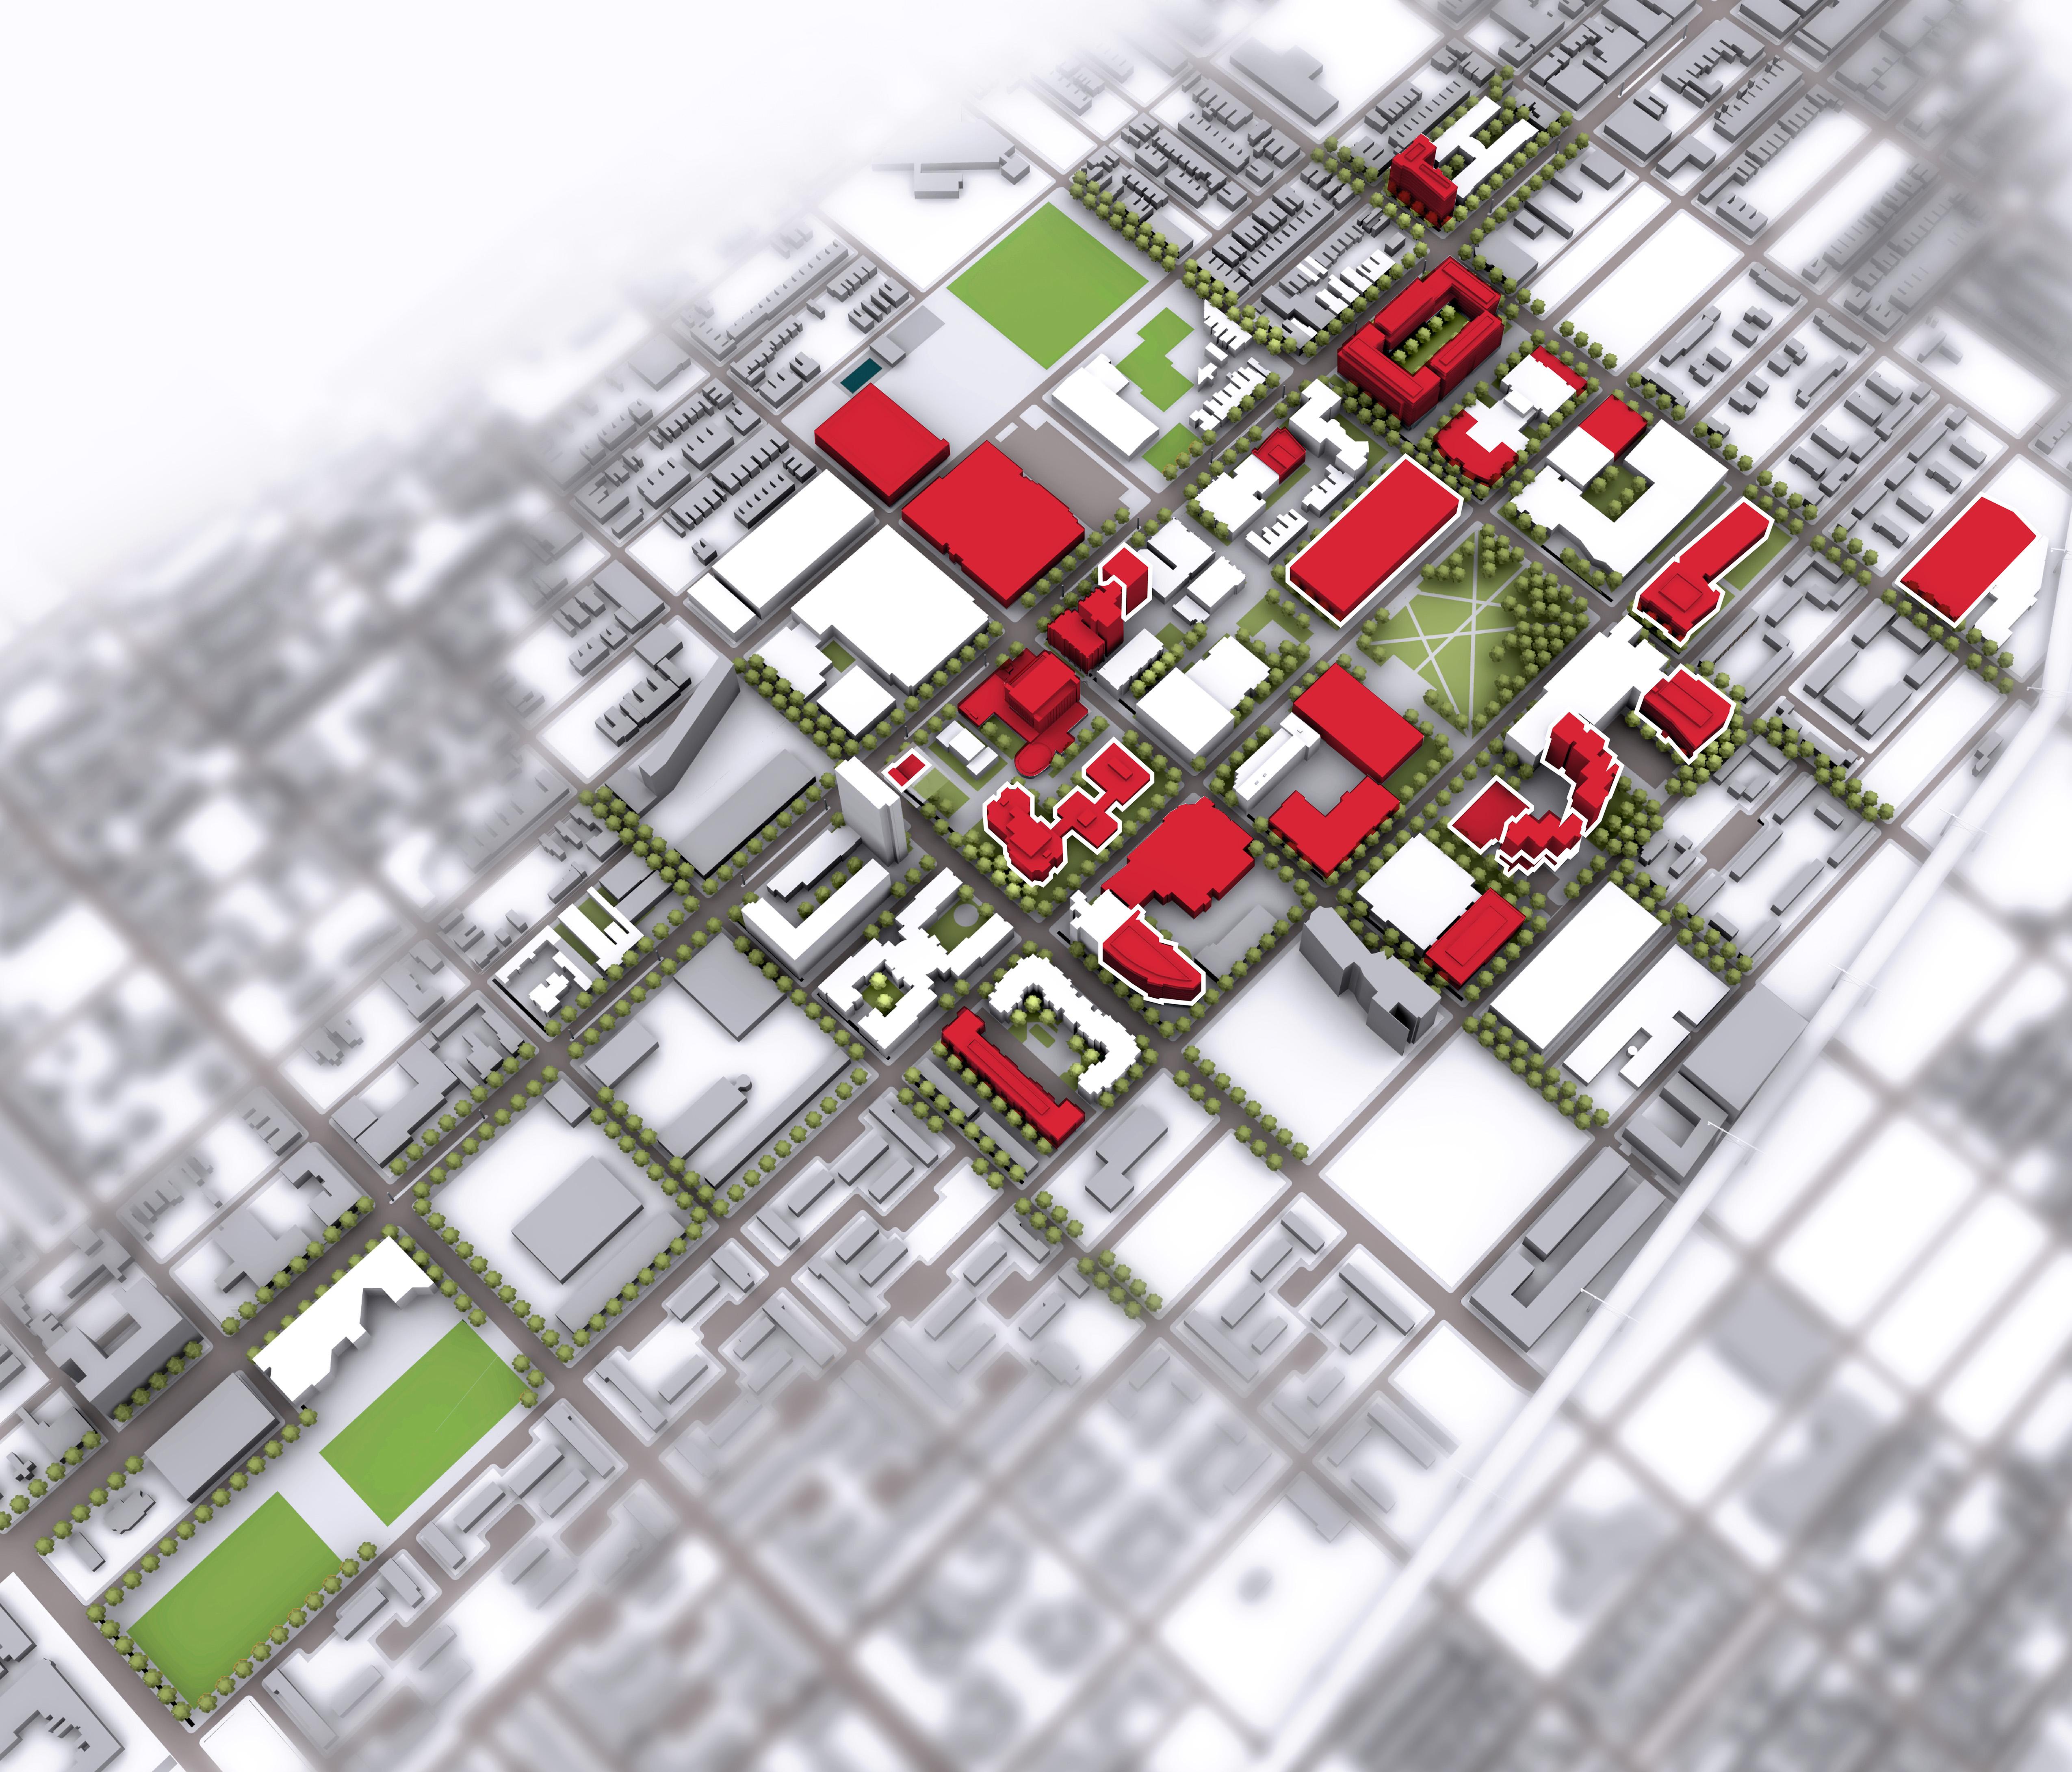 Main Phasing Campus Plan